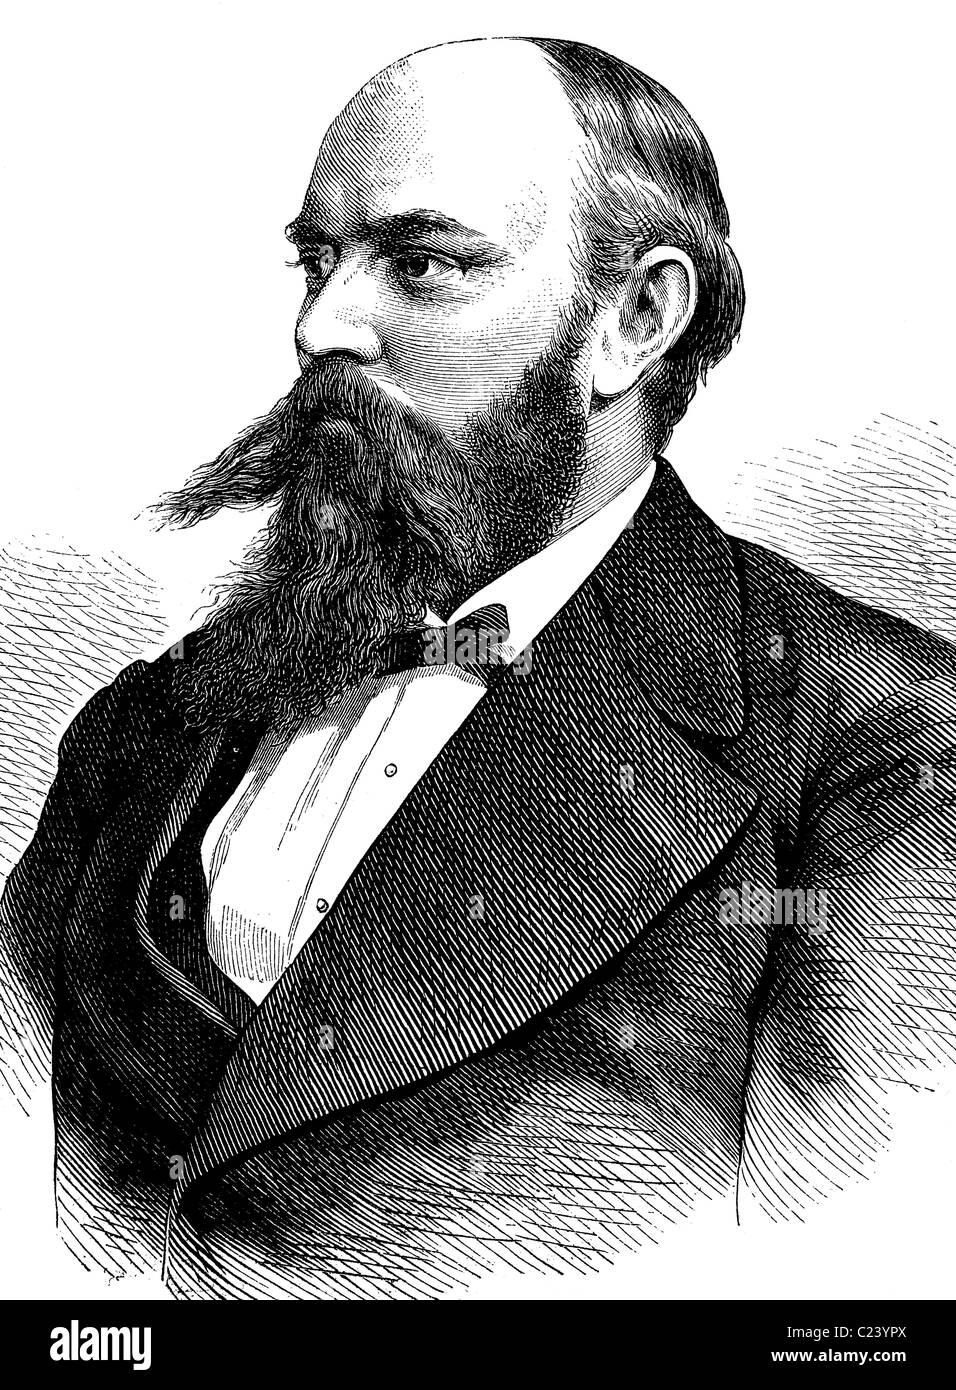 Ewald August König, 1844-1313, deutscher Professor für Bergbau und Mineralogie, historische Illustration, - Stock Image